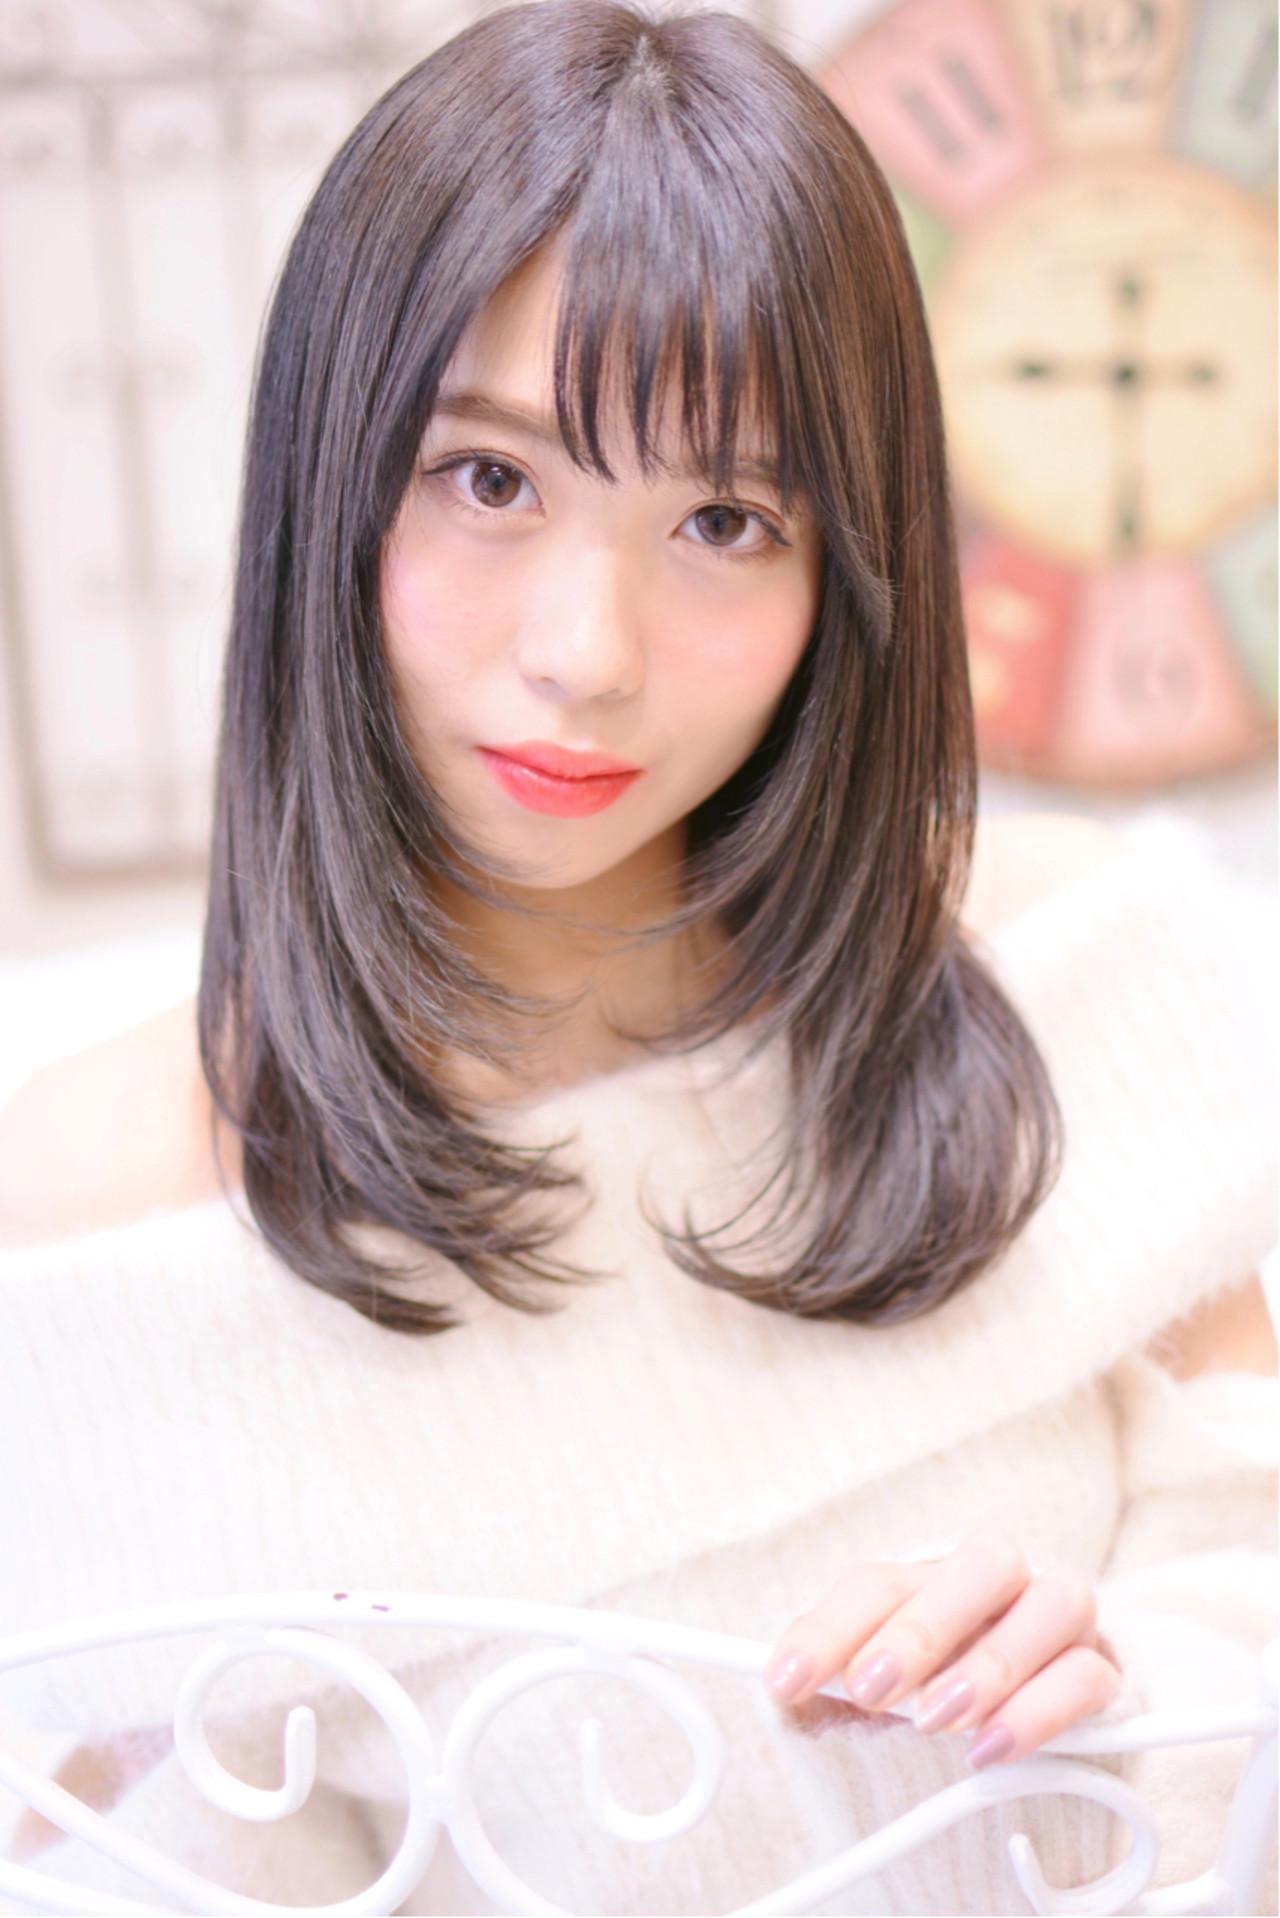 ひし形フォルムでシャープな仕上がり Shiko Kajihara  メイズ